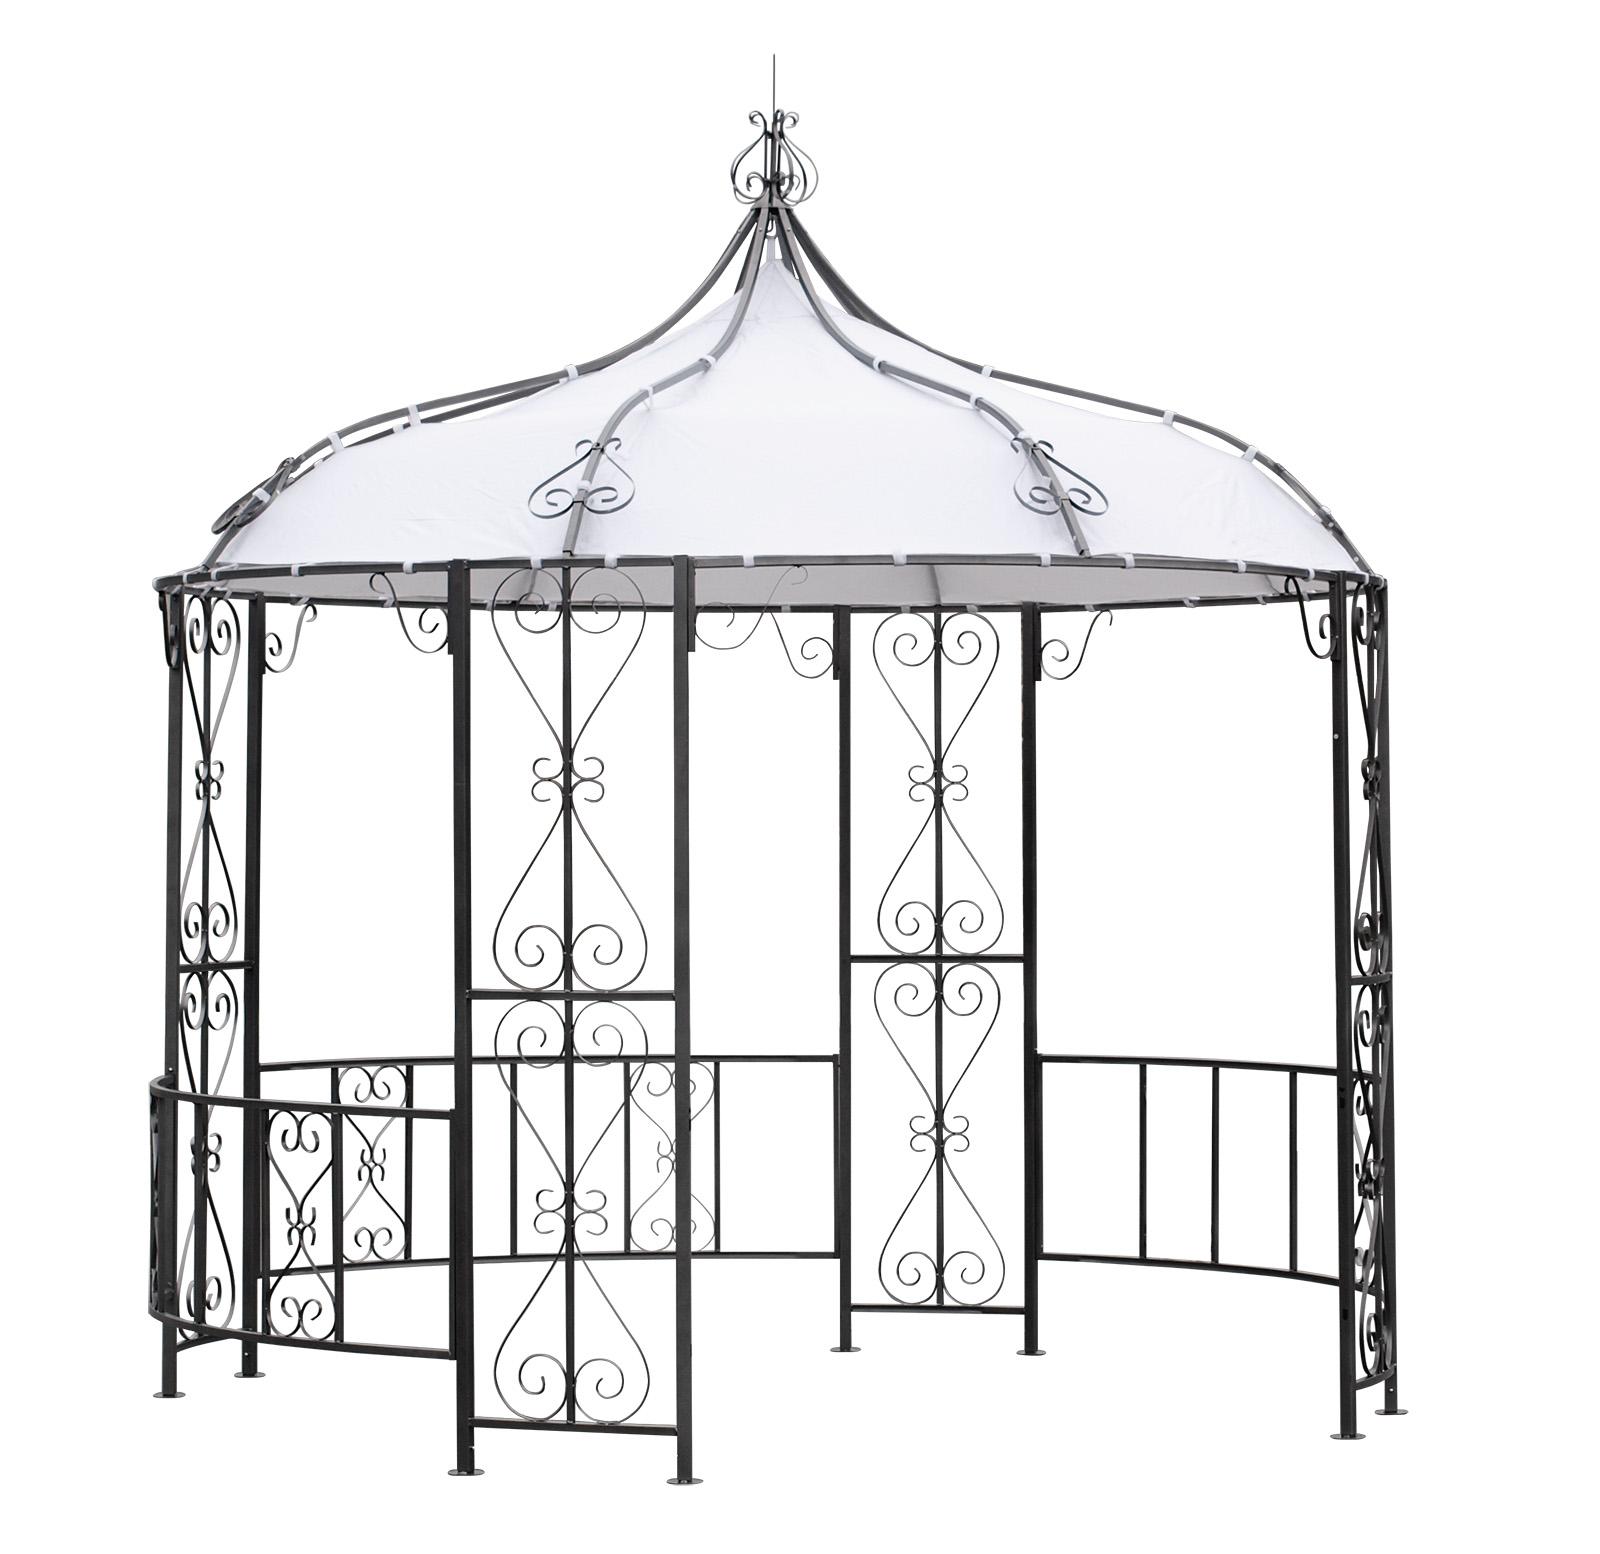 Full Size of Pavillon Rund Eisen Ersatzdach 3 5m Holz Selber Bauen 6m Beige Metall 200 Cm 3m Gebraucht 4m Burma 300cm Rundes Sofa Marokko Rundreise Und Baden Runder Wohnzimmer Pavillon Rund